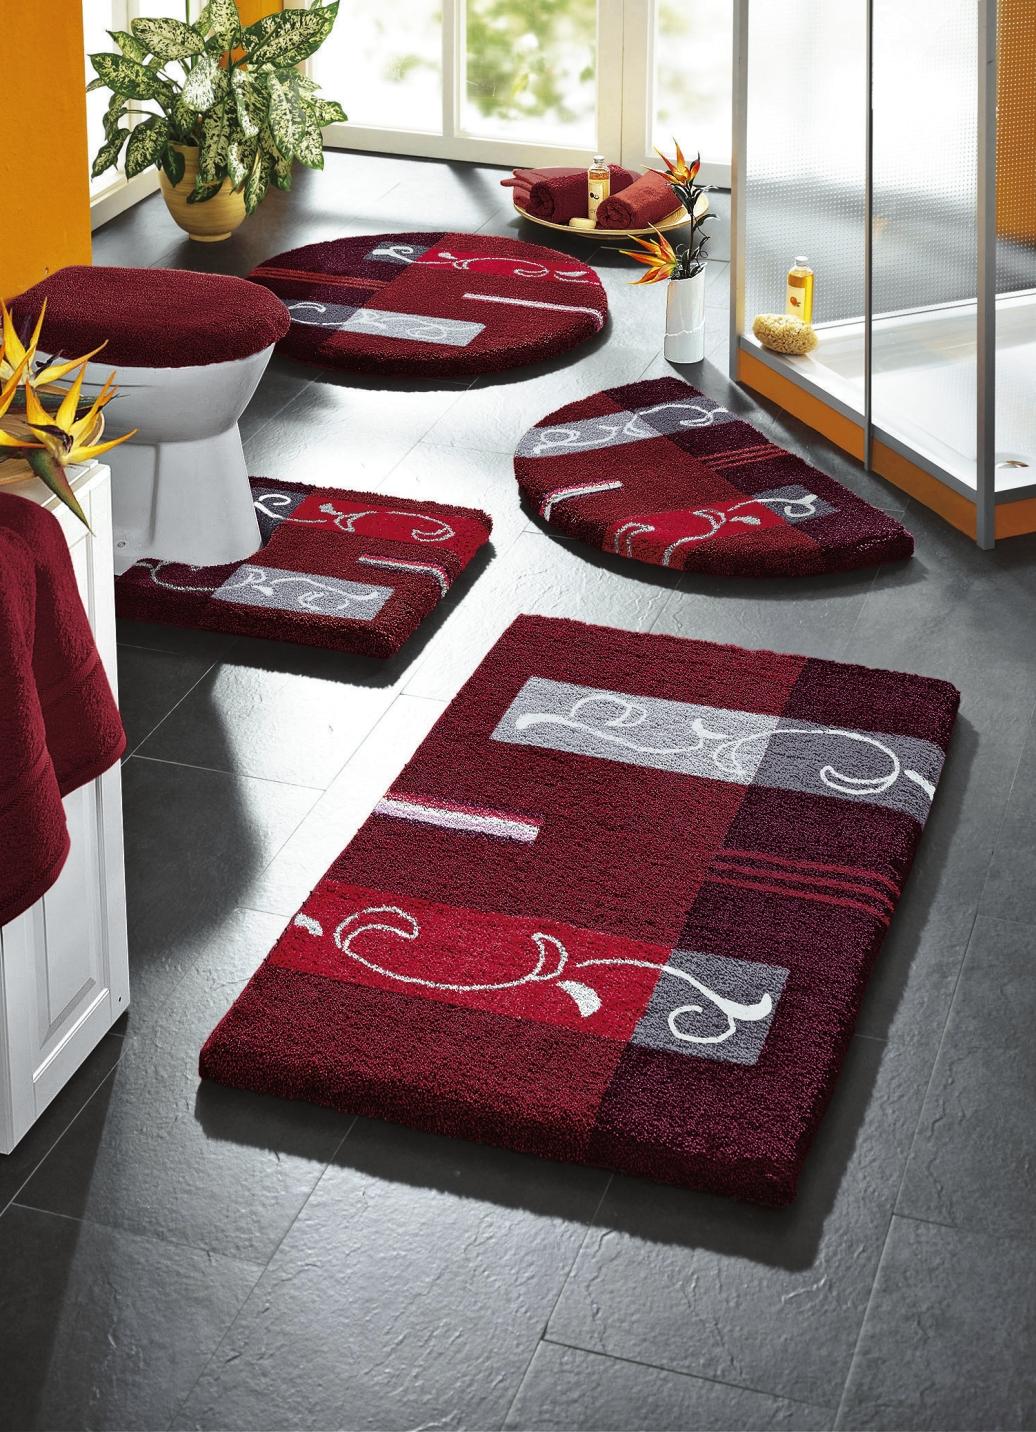 zoomimage. Black Bedroom Furniture Sets. Home Design Ideas